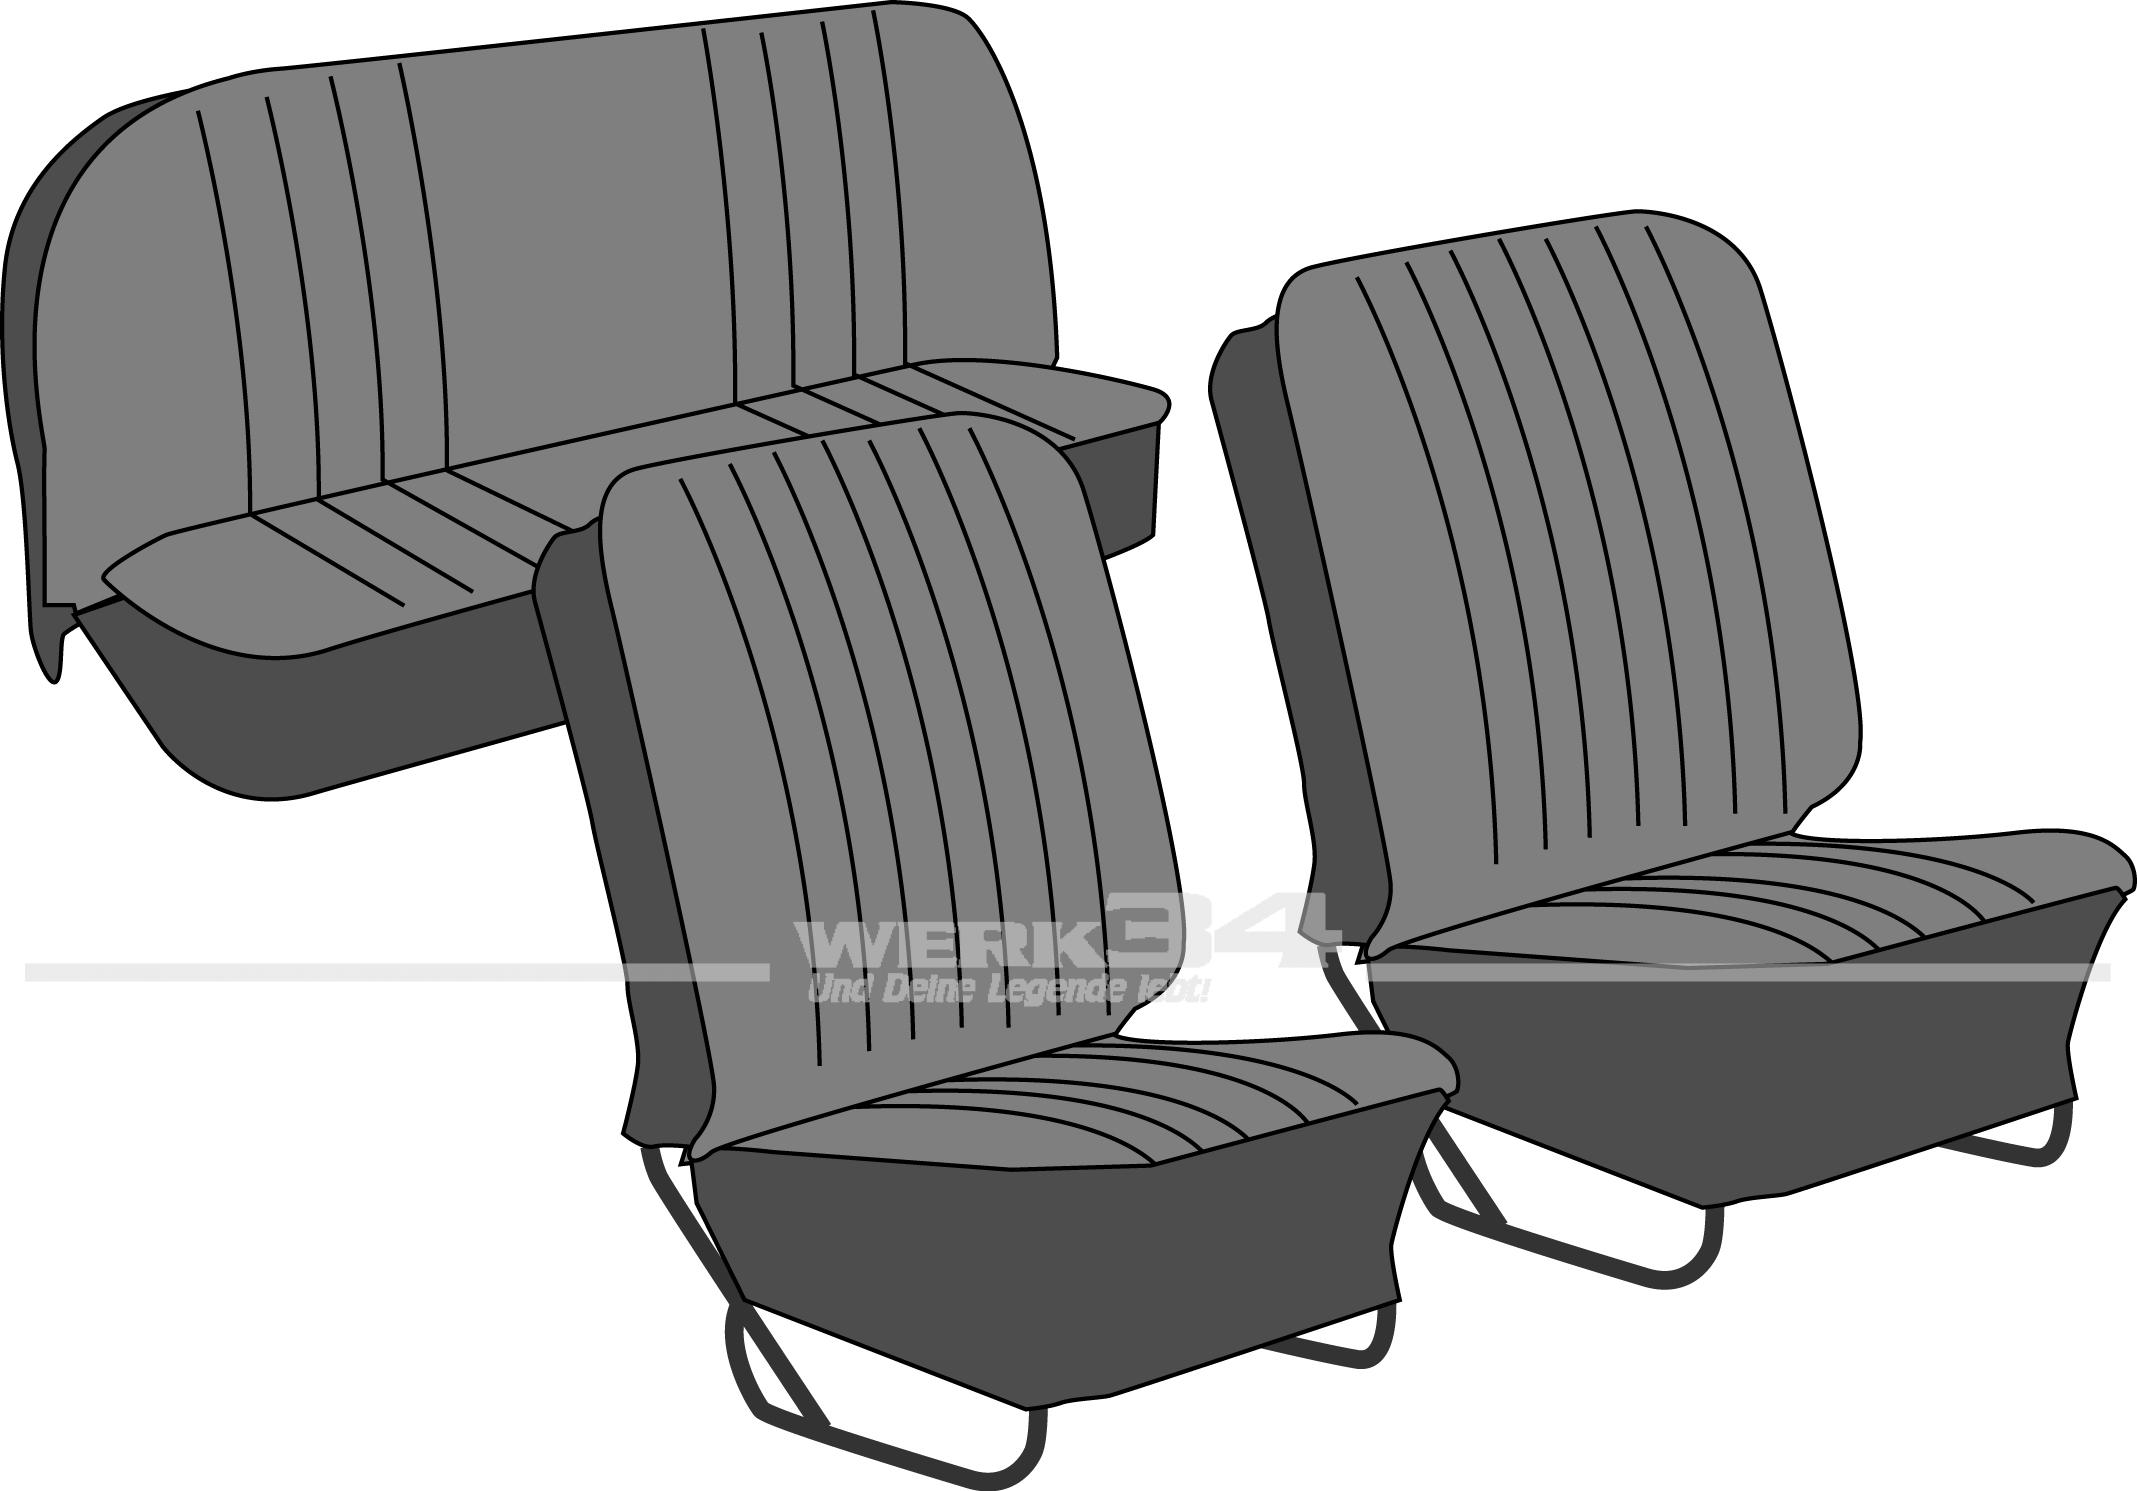 sitzbez ge und bezugsstoffe innenausstattung k fer. Black Bedroom Furniture Sets. Home Design Ideas